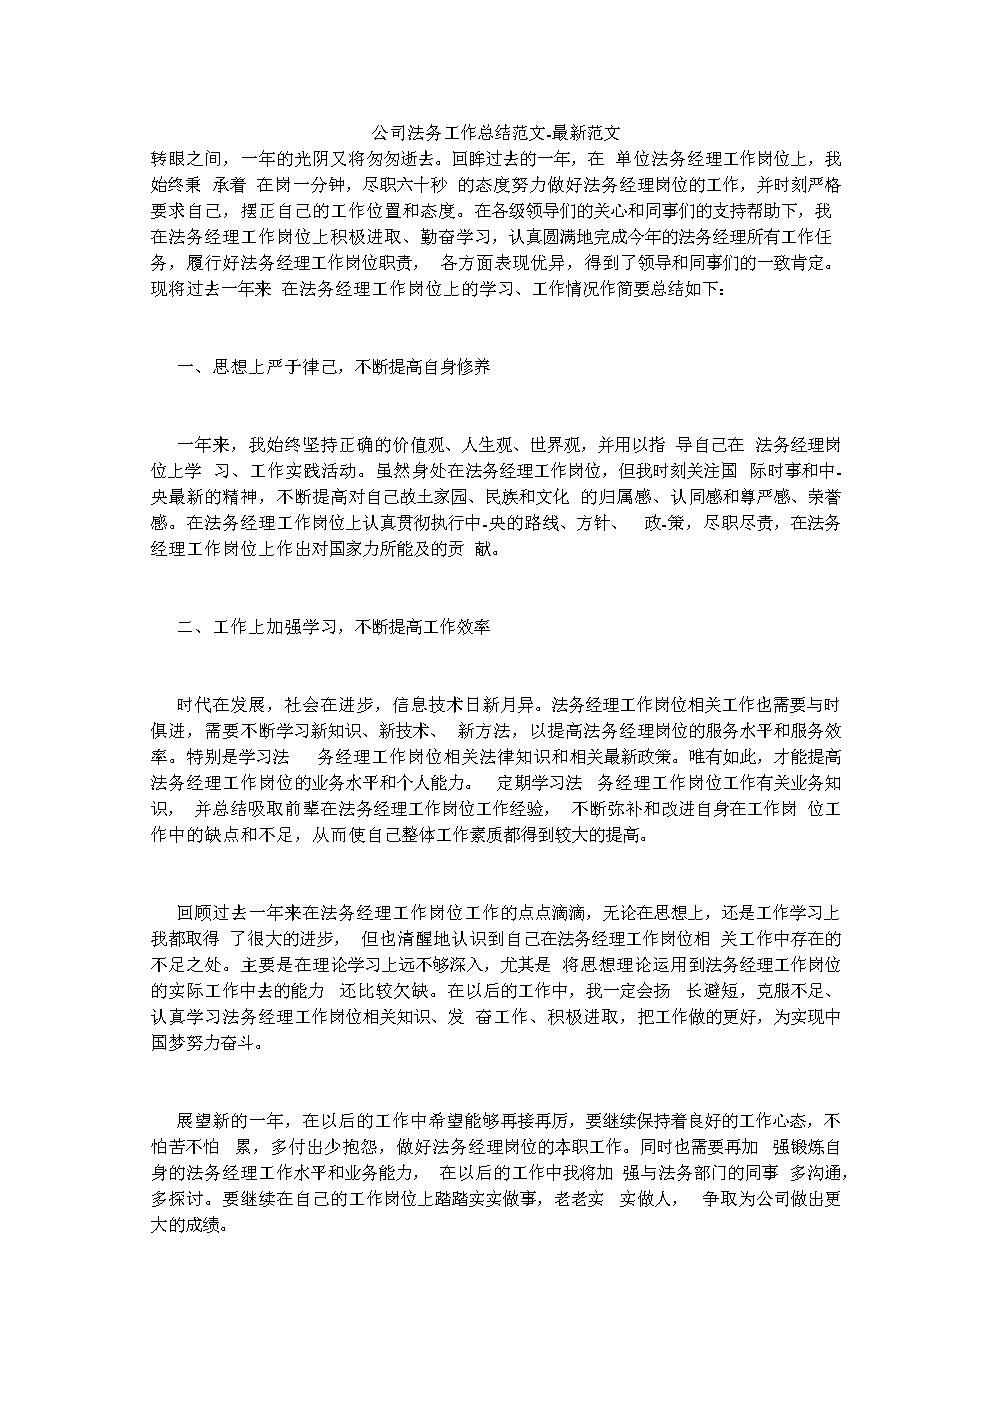 公司法务工作总结范文-最新范文.doc